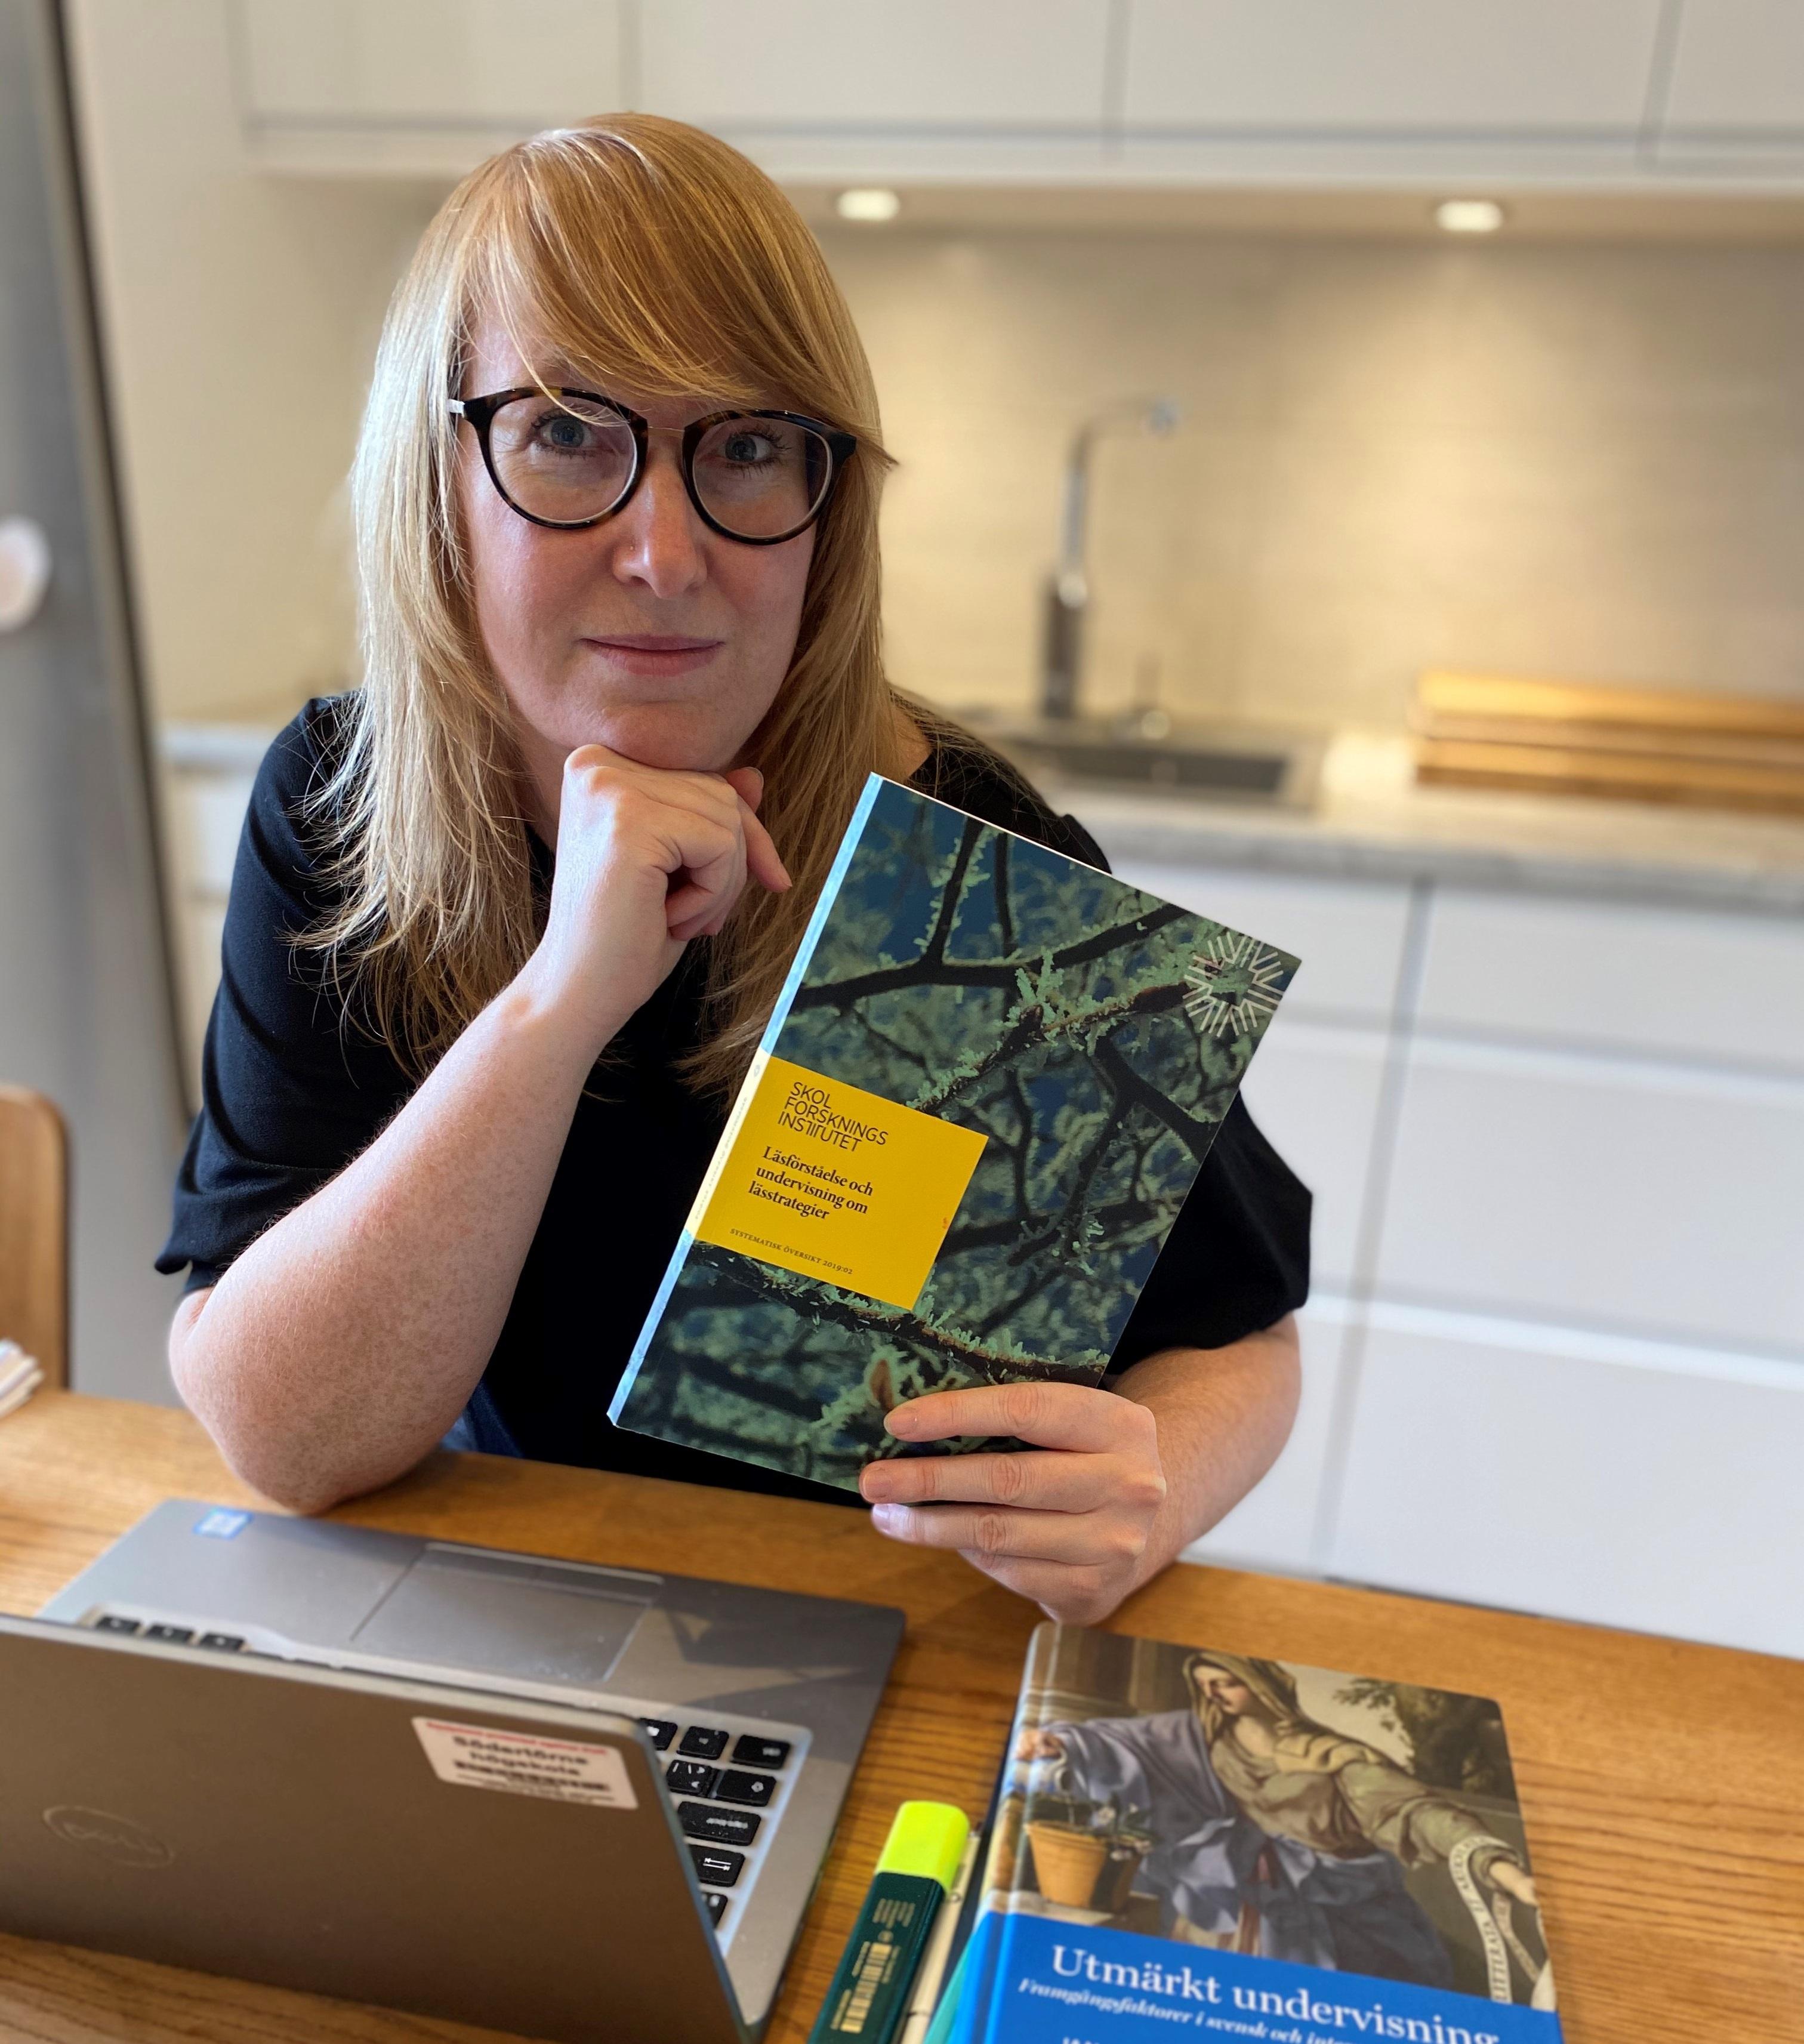 Linda Ekström som håller i översikten Läsförståelse och undervisning om lässtrategier